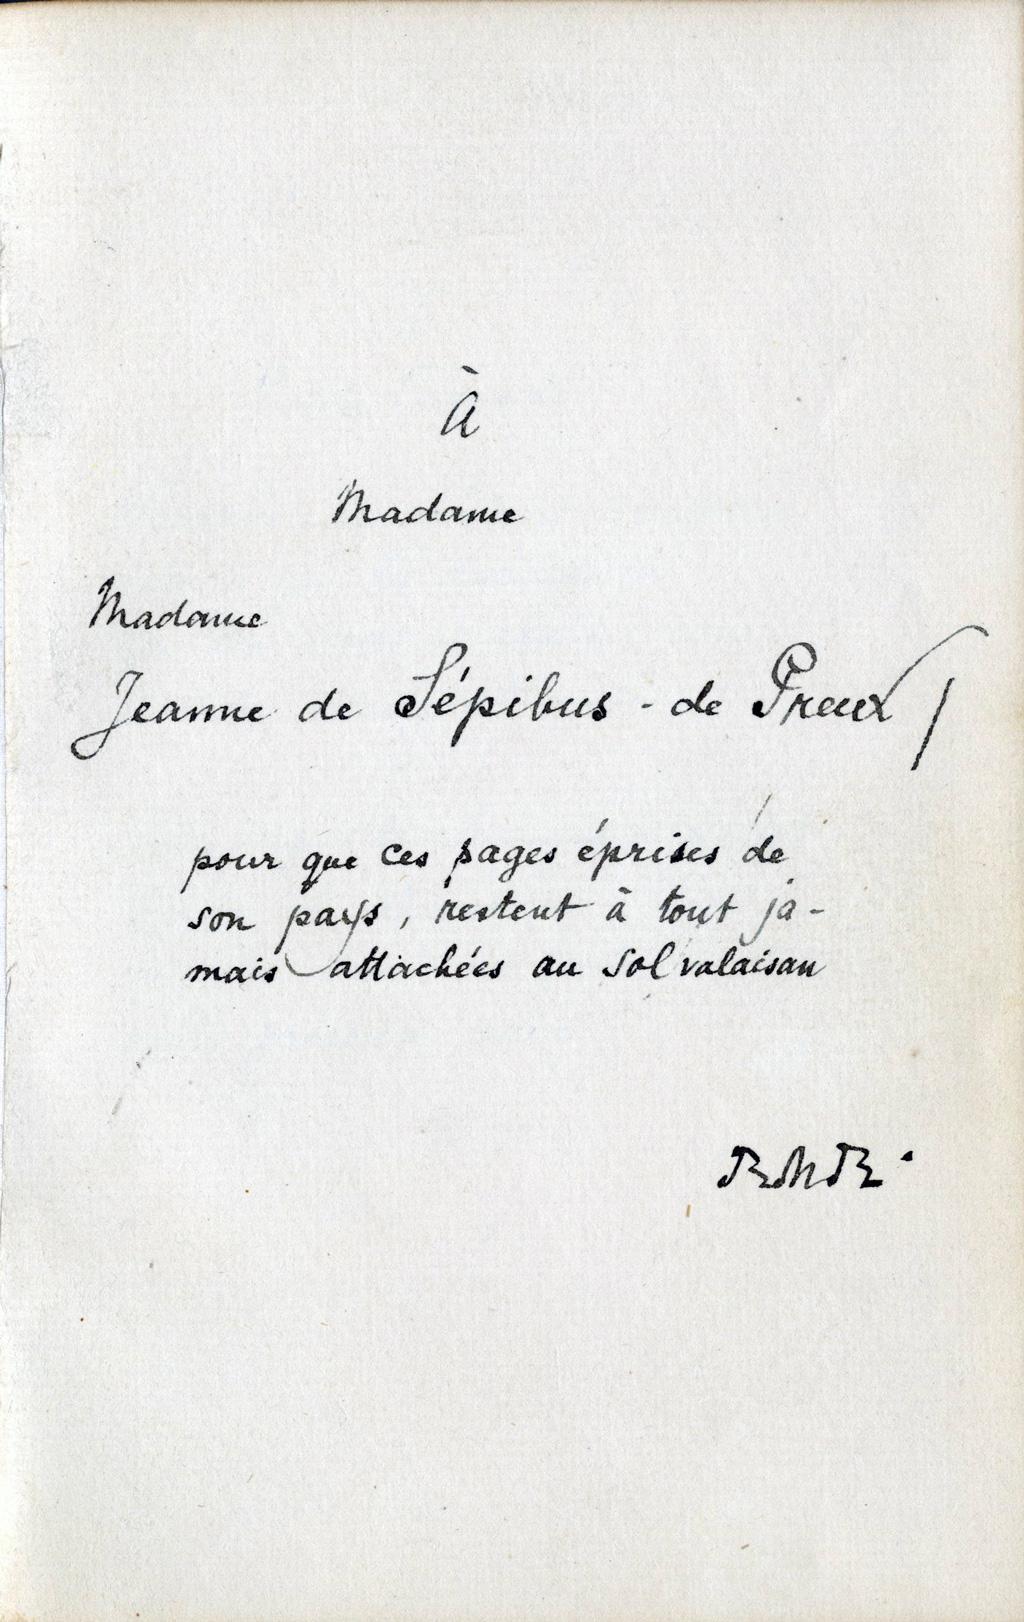 Rilkes Widmung an Jeanne de Sépibus, Les Quatrains Valaisans